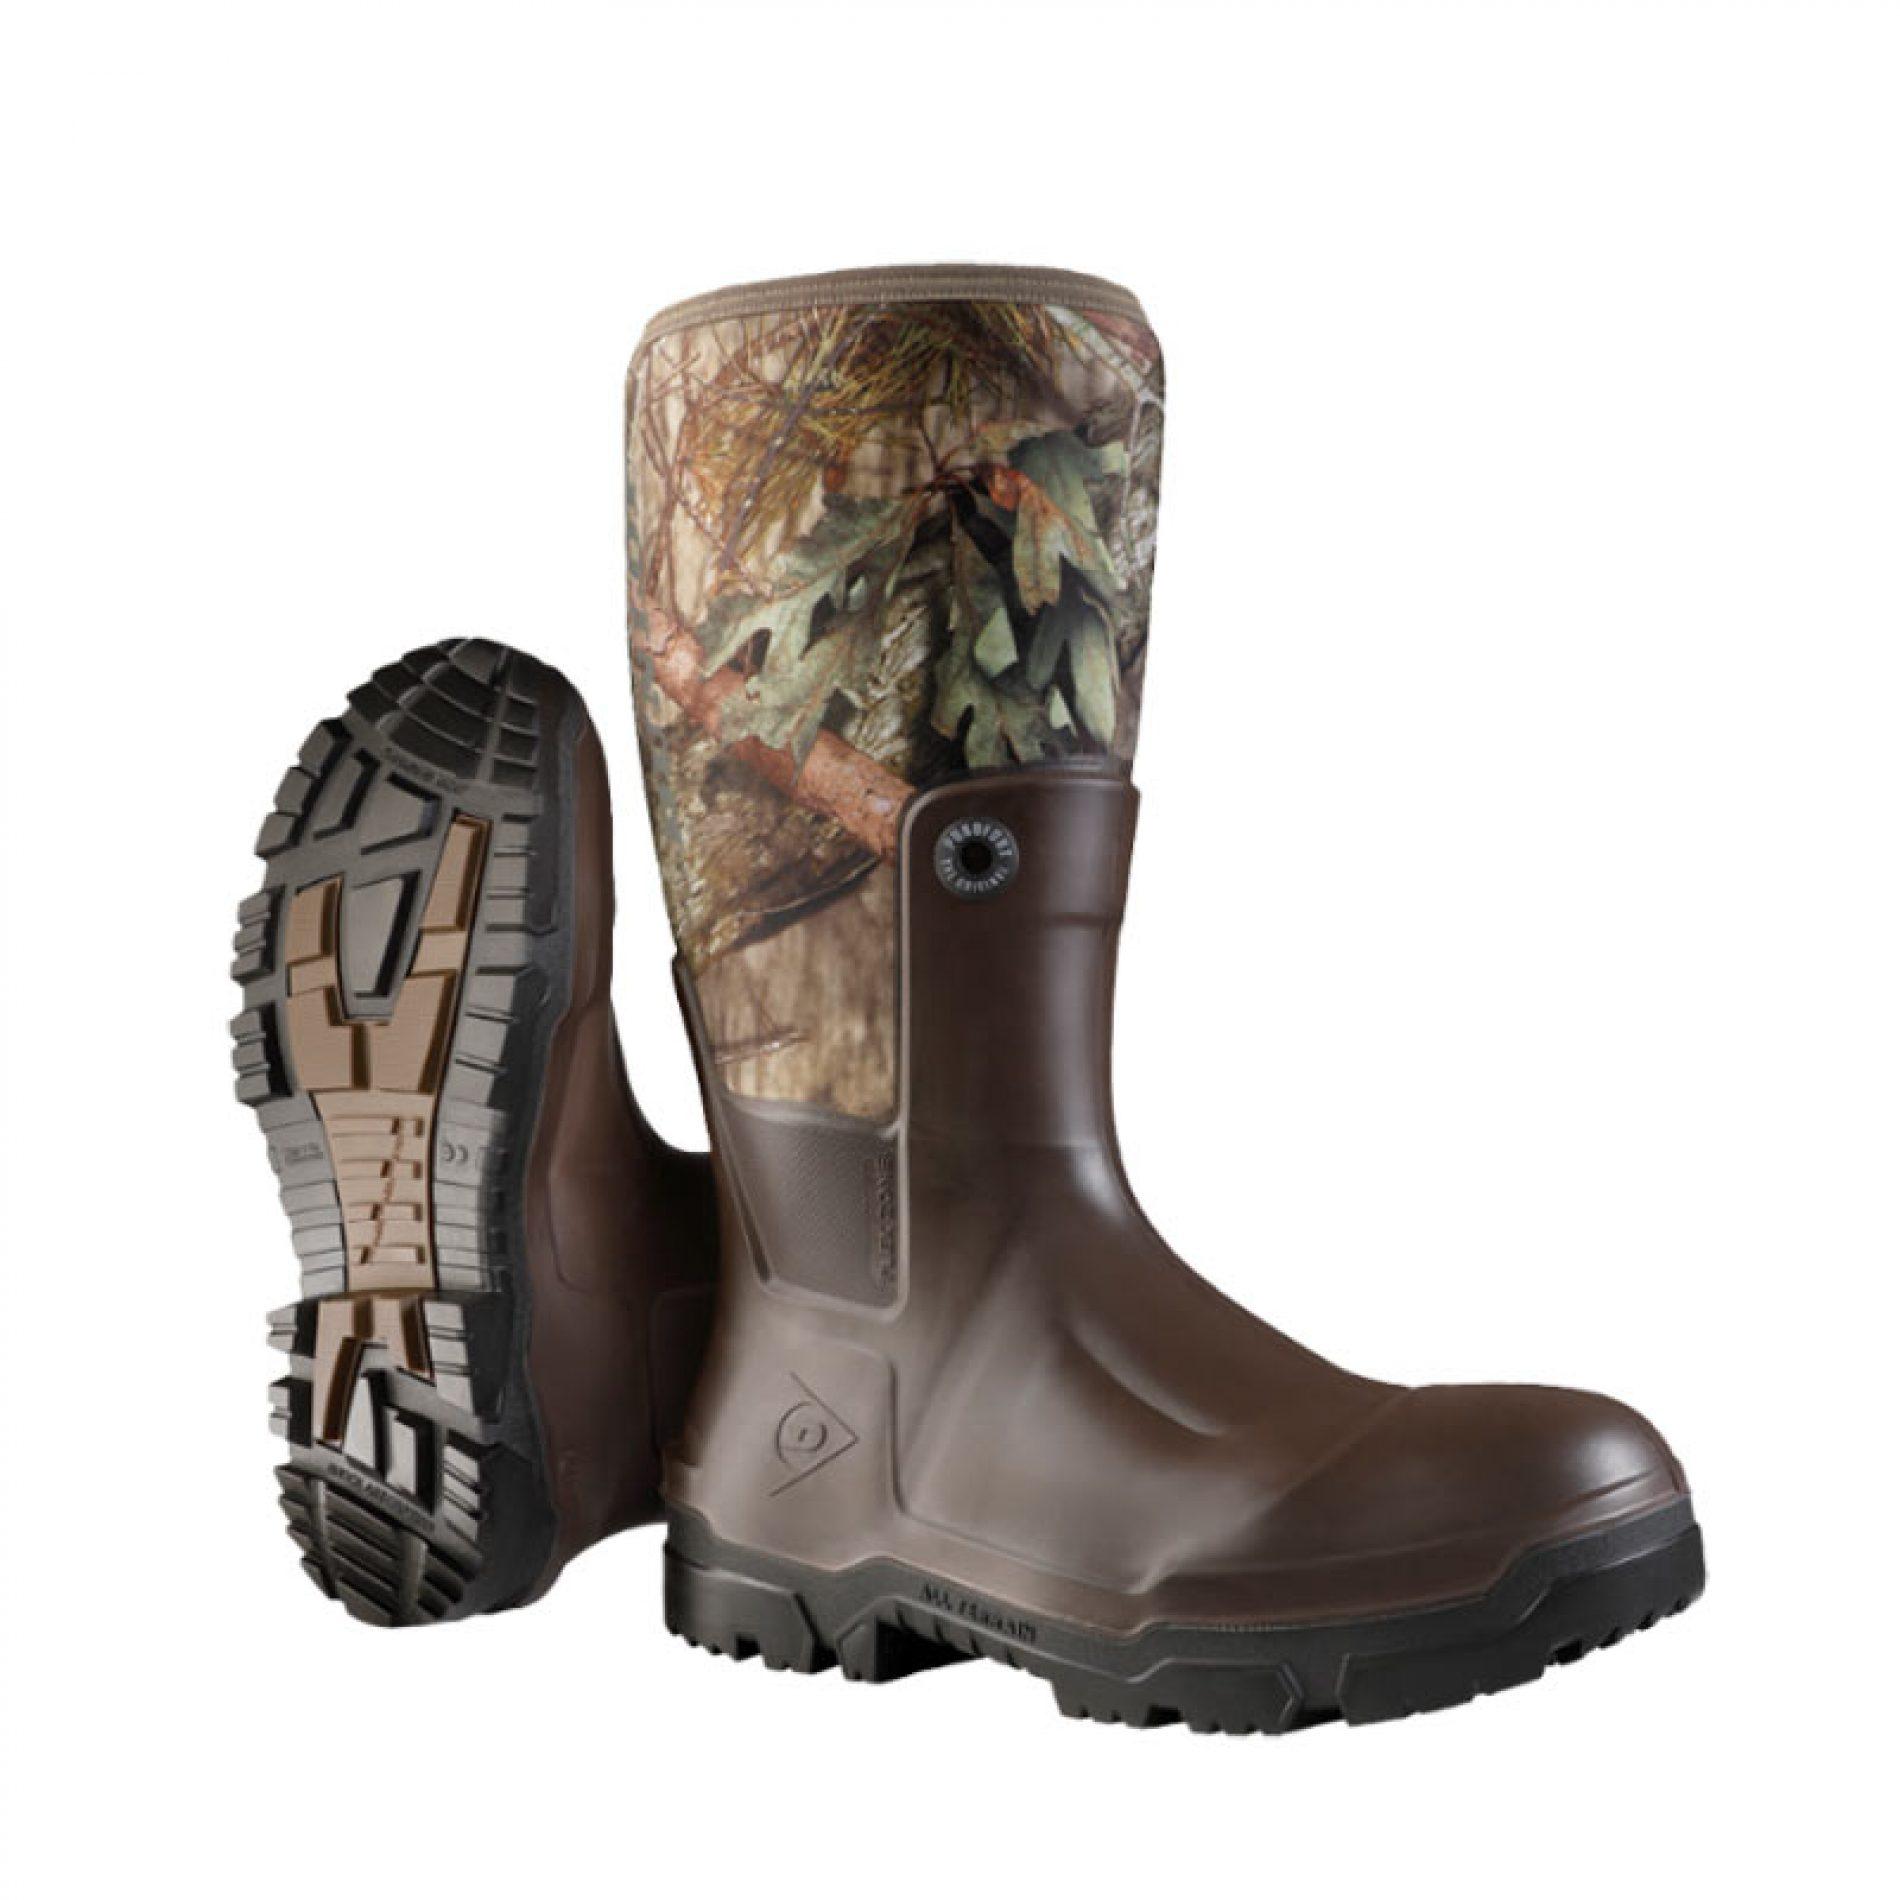 Dunlop Snugboots, la última generación de botas de agua para caza